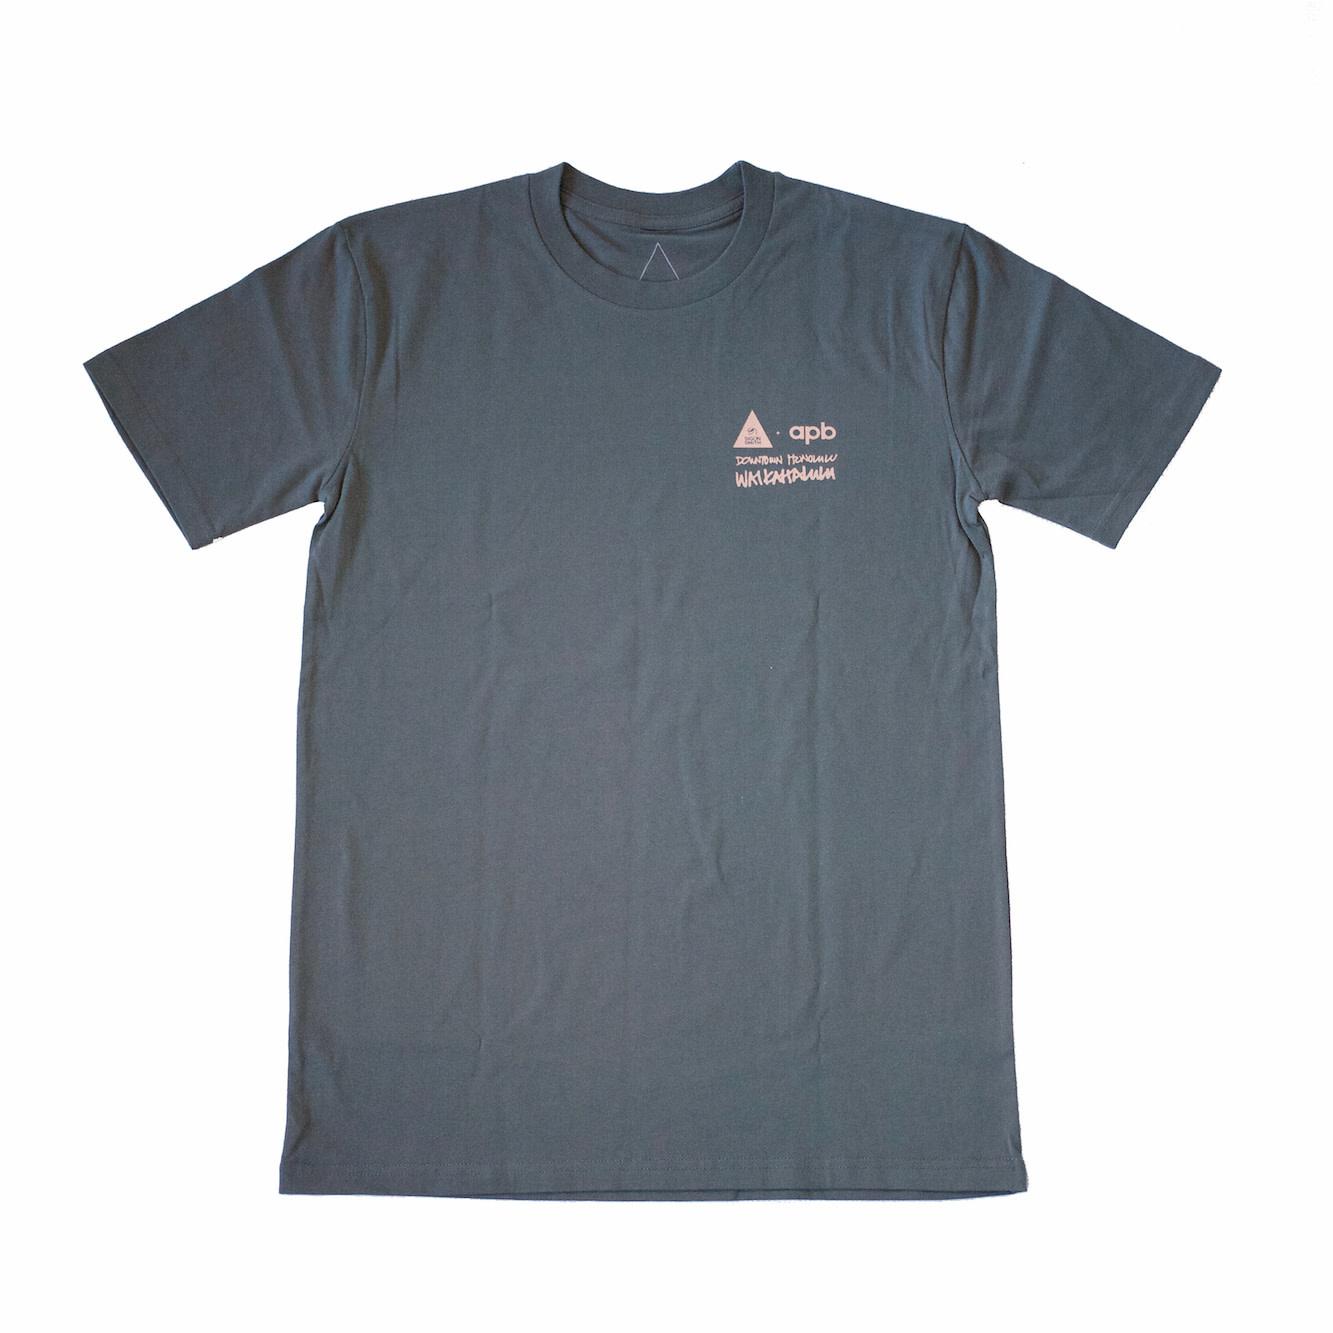 APB Skateshop Waikahalulu Sig Zane X APB Charcoal T-Shirt